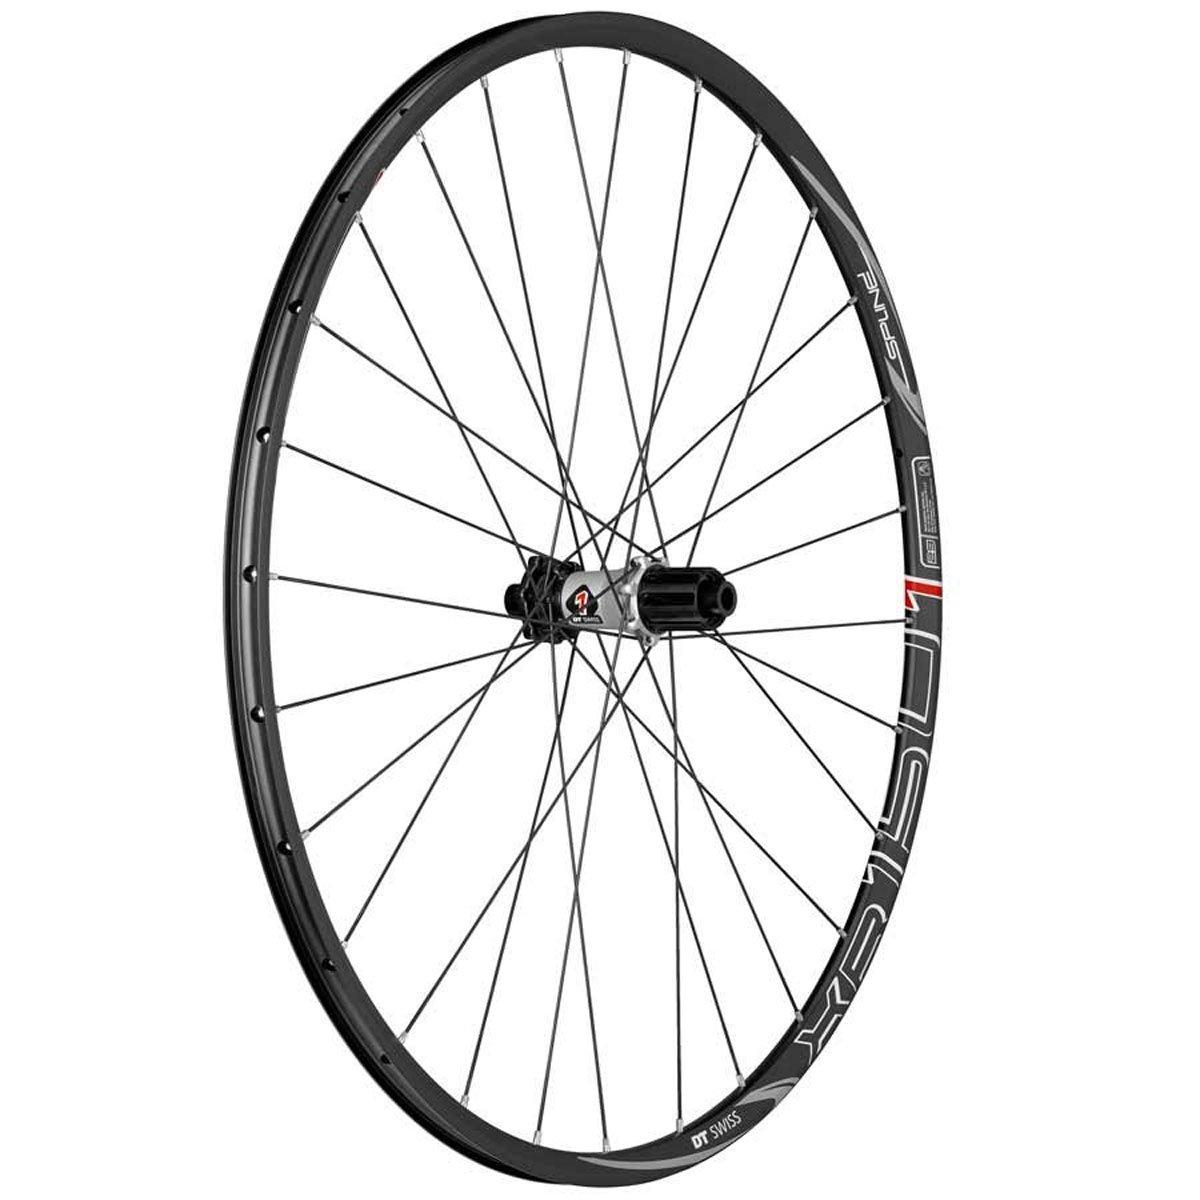 DT Swiss XR 1501 Spline 29in Wheel Black, 12x142mm/XX1 Rear by DT Swiss   B00DL3WUKQ